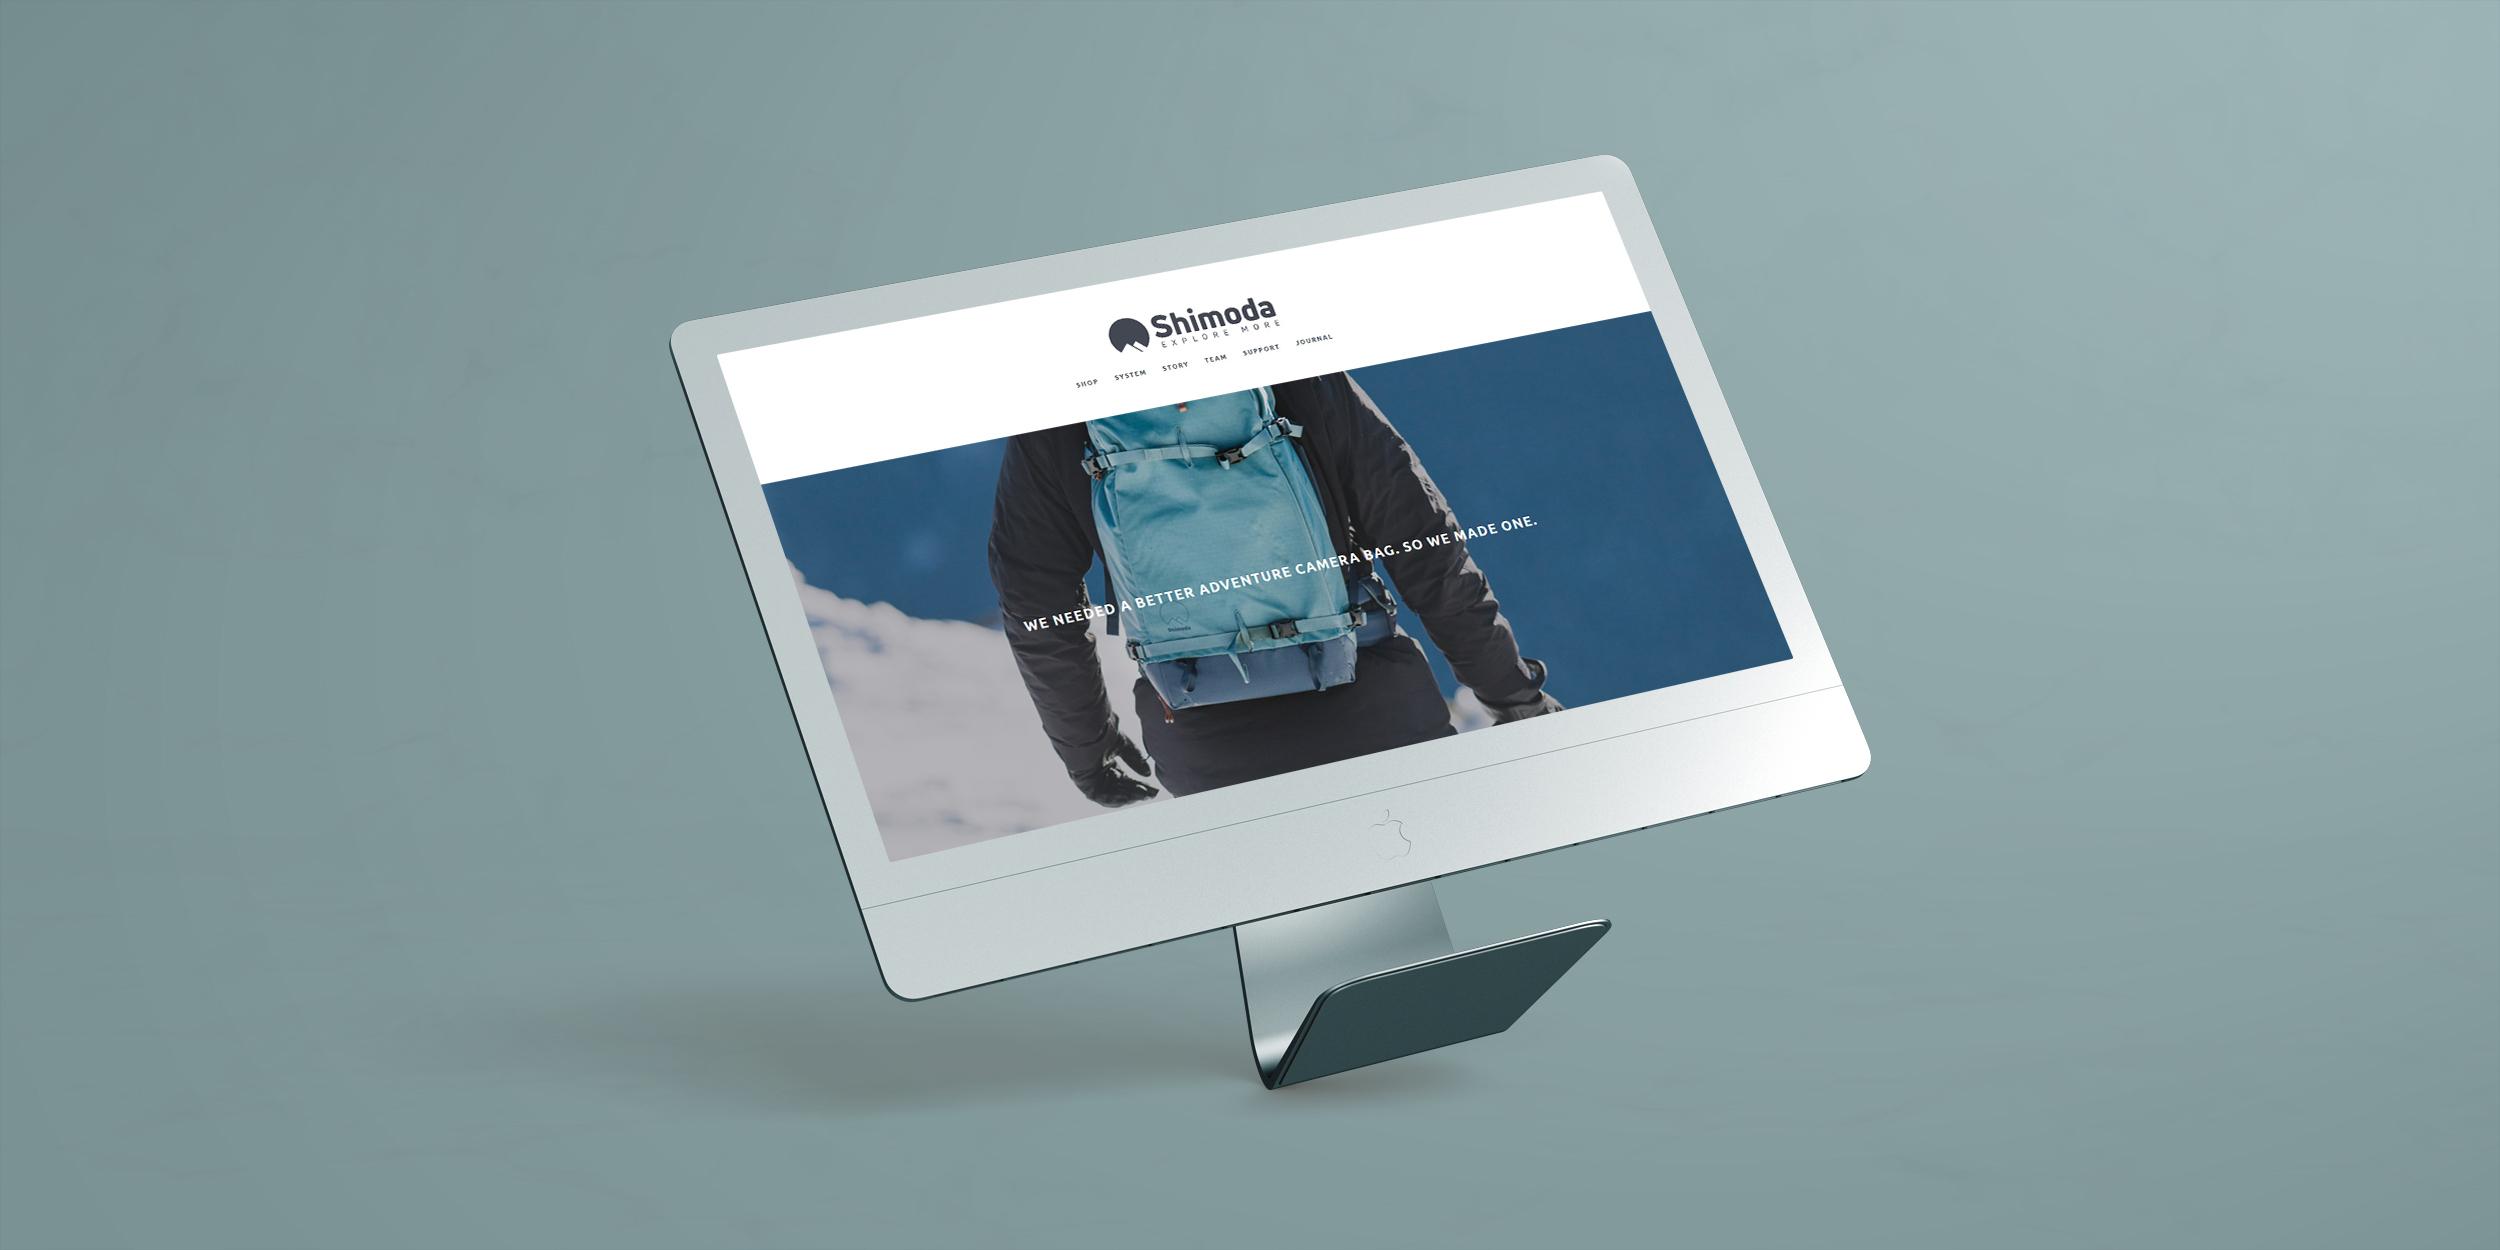 shimoda-website-banner.jpg